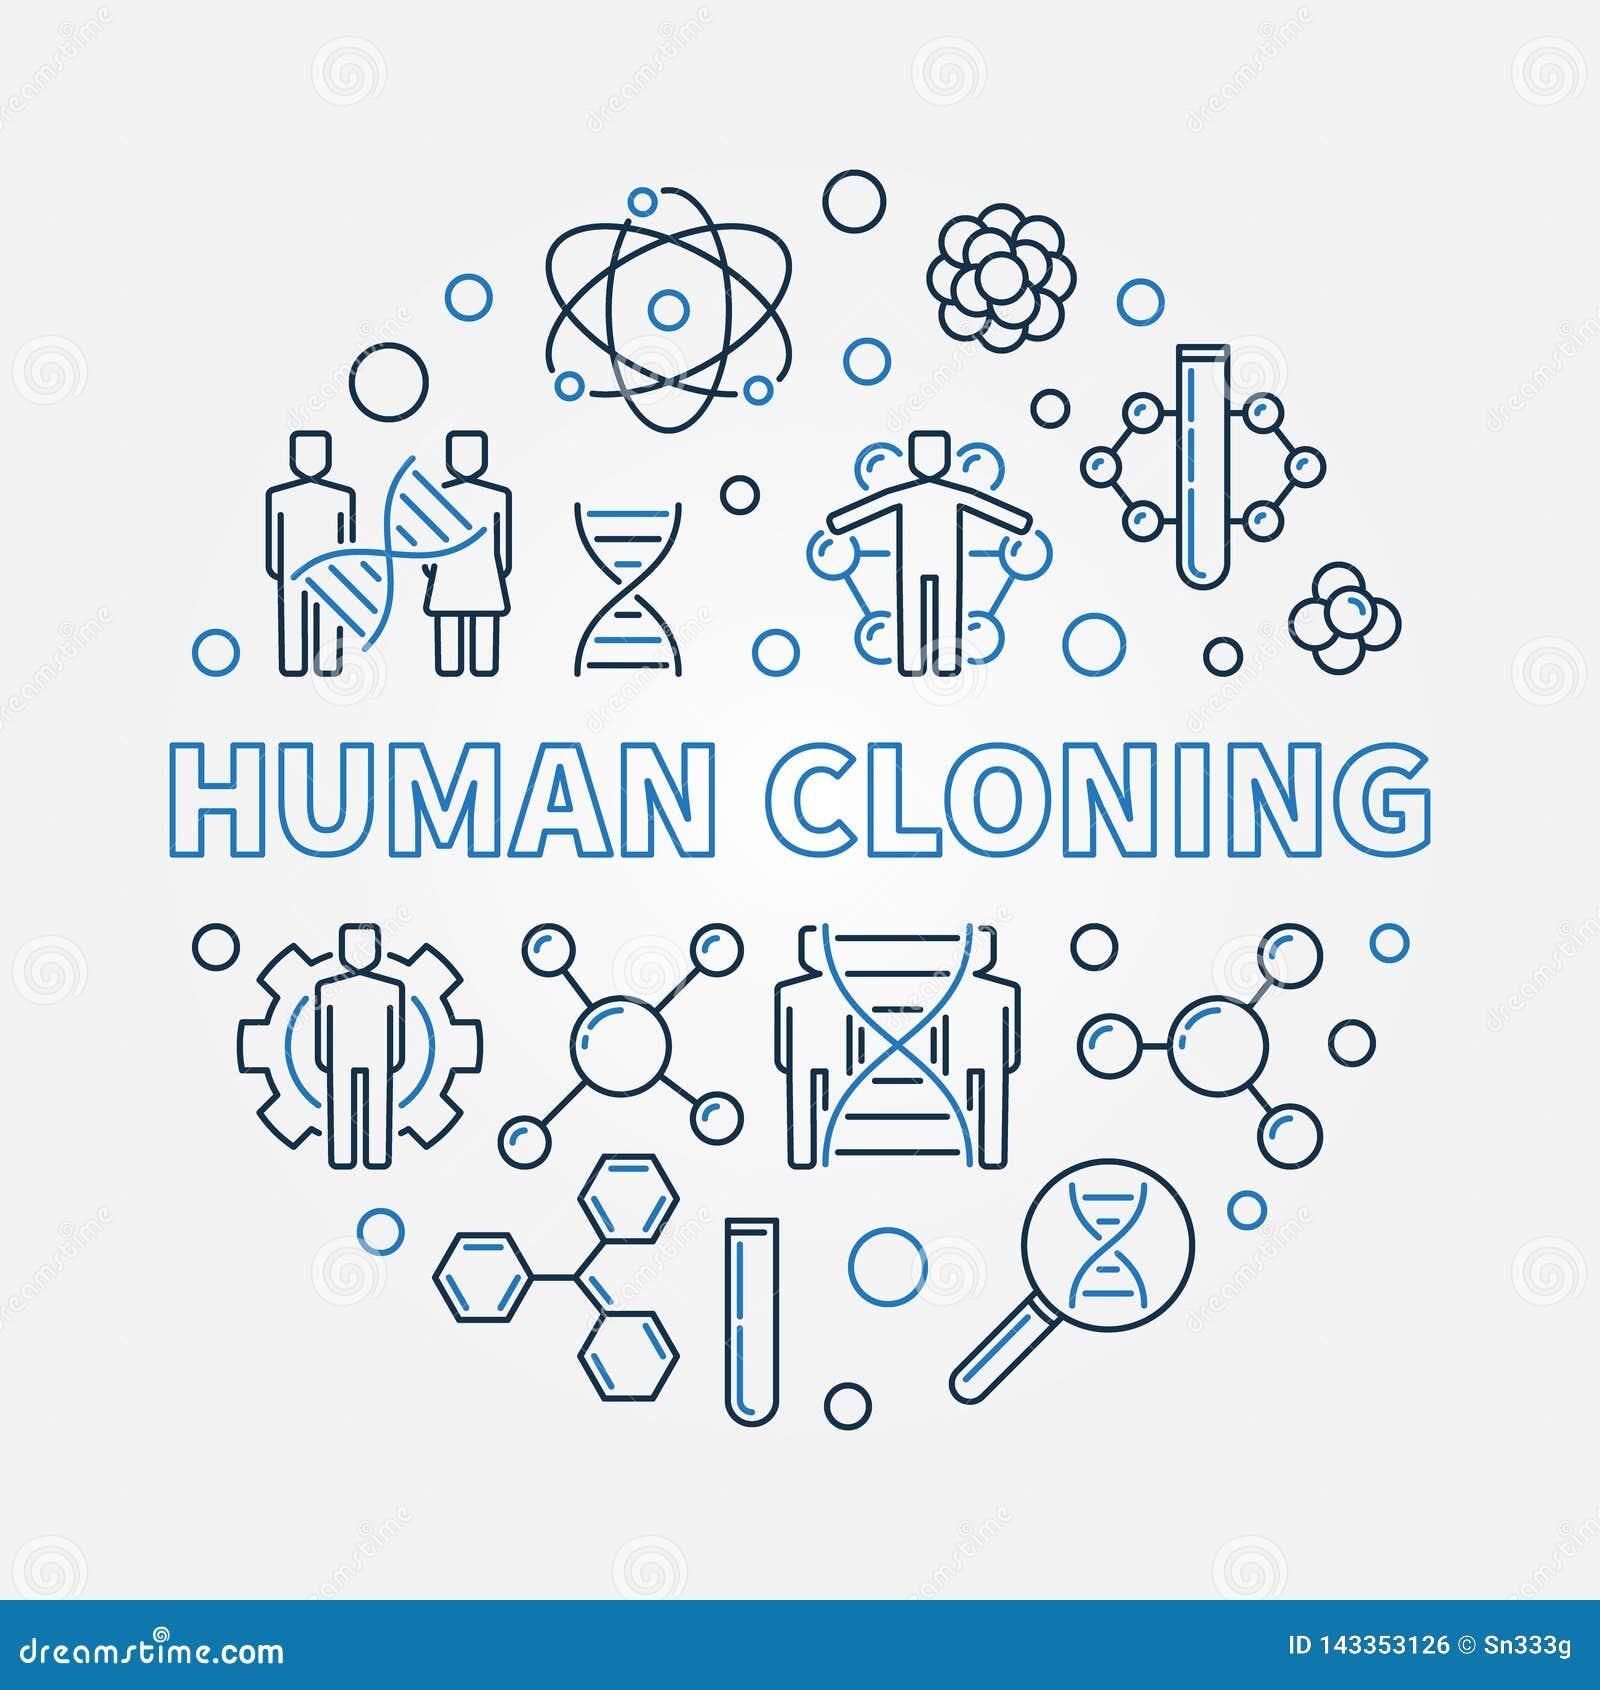 Illustrazione rotonda di vettore della clonazione umana nello stile del profilo